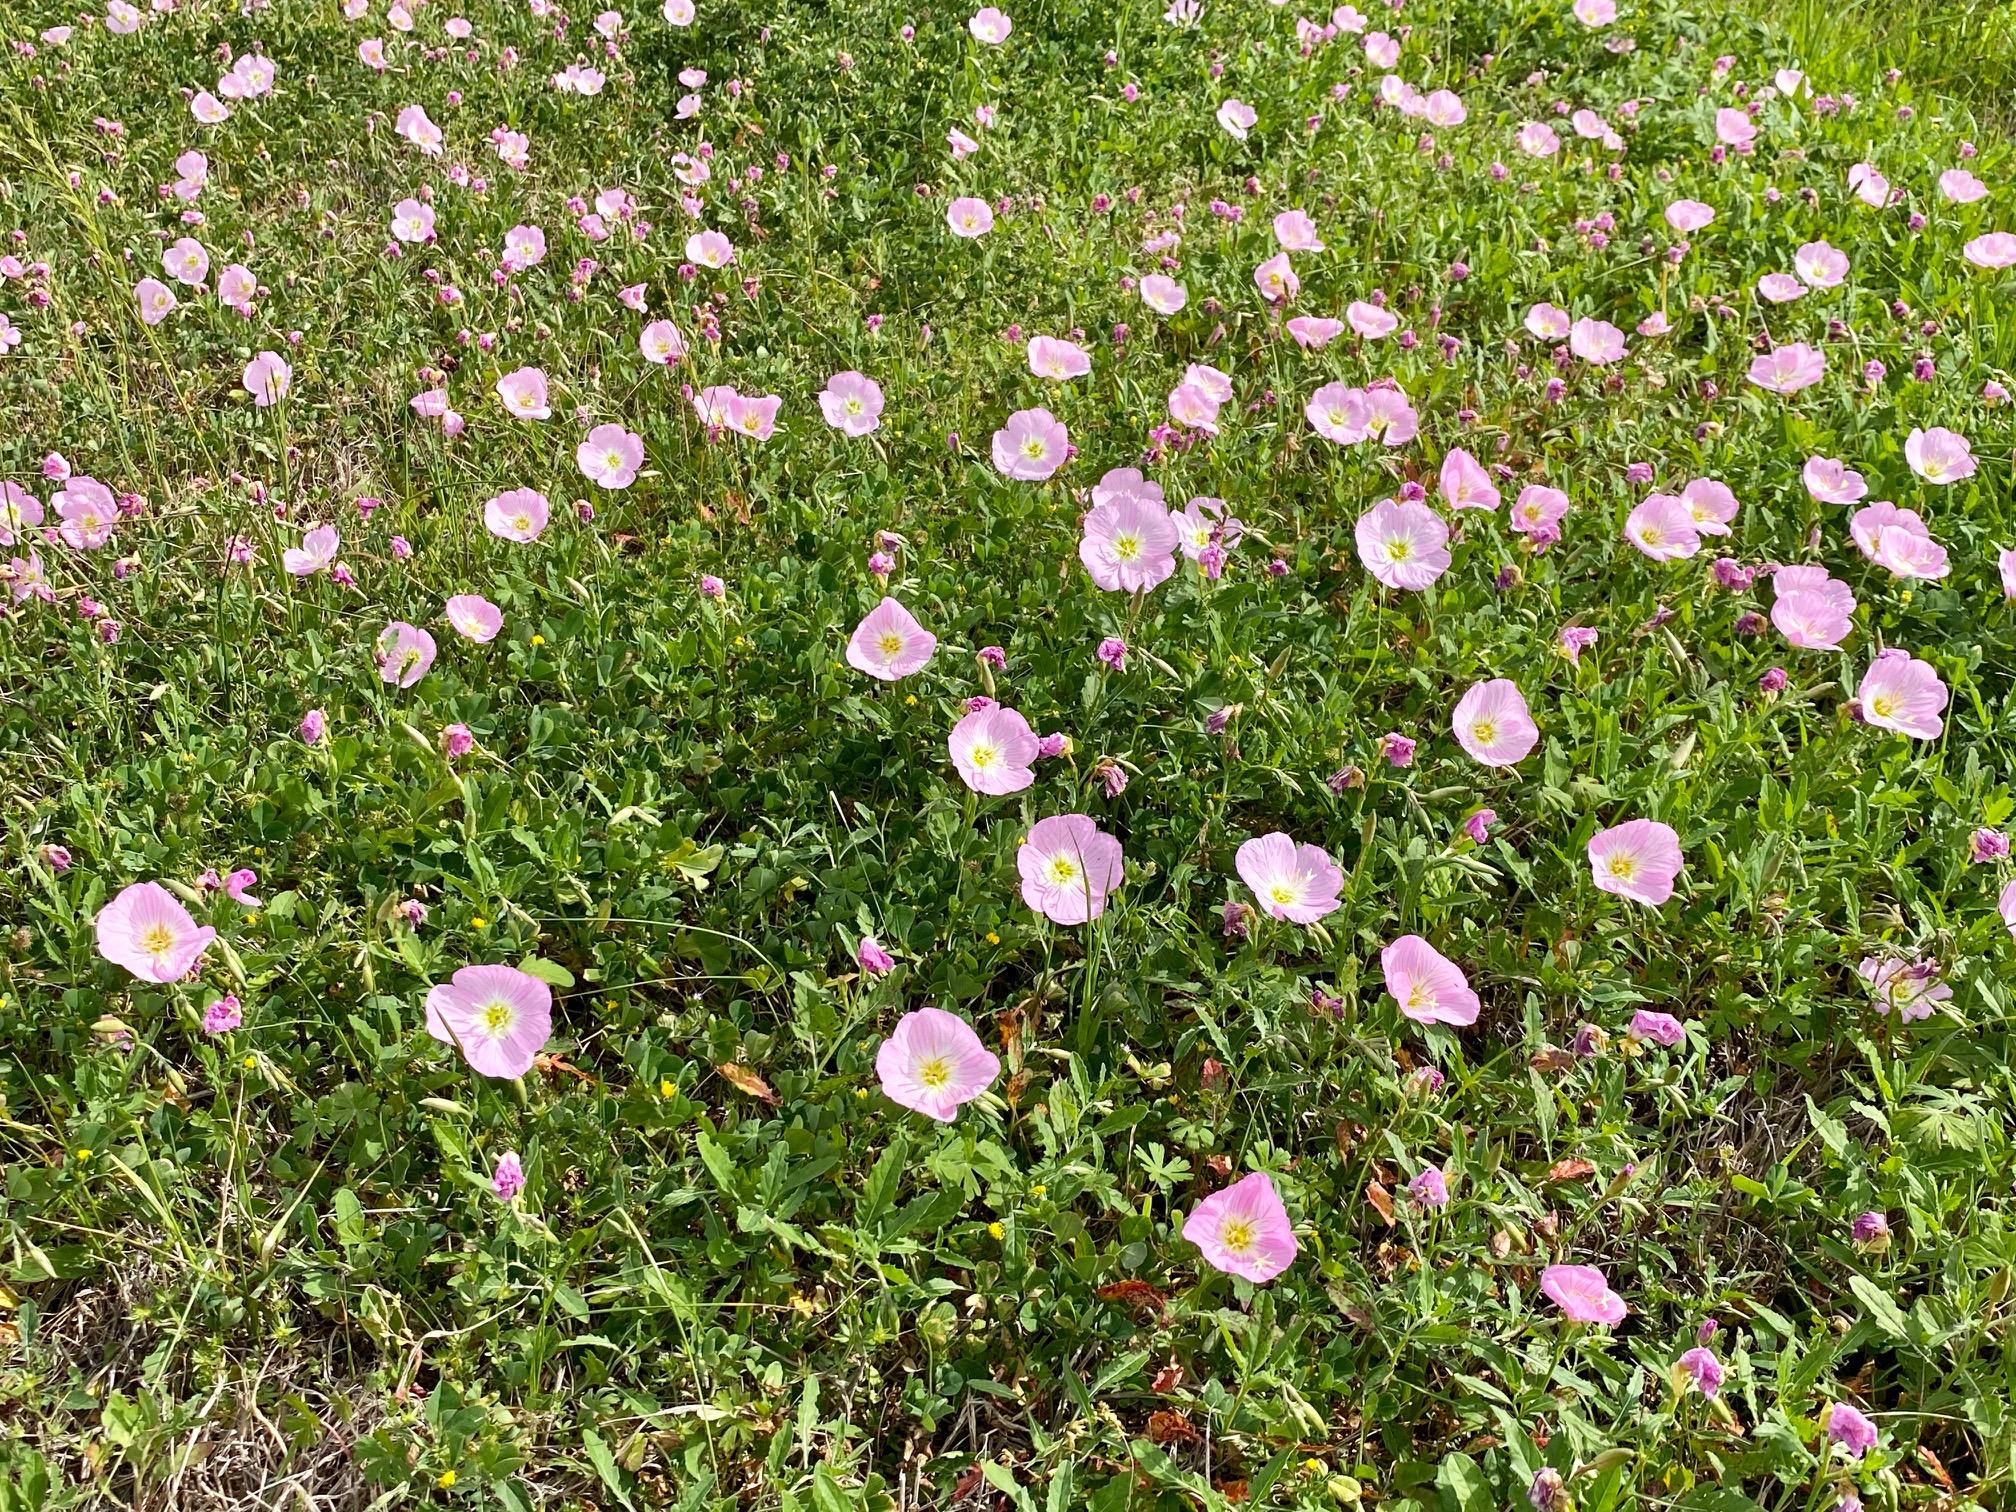 Wildflowers along Highway 95 from Shiner to Yoakum